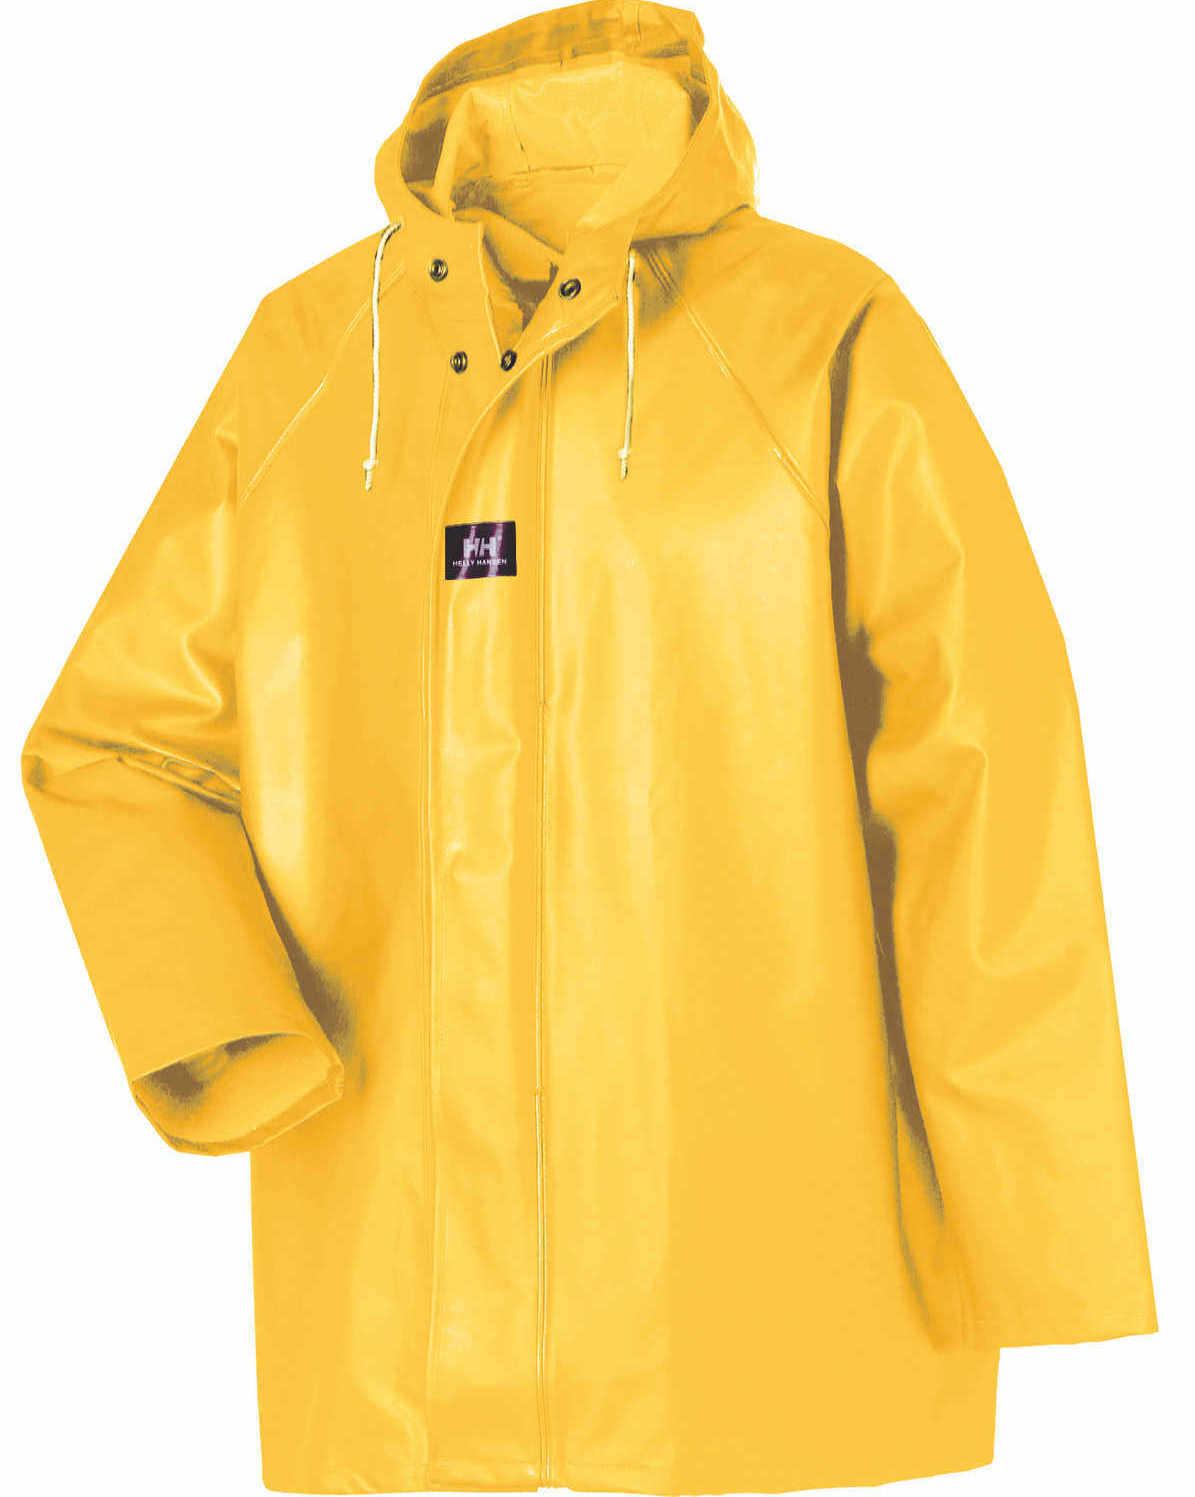 p300 jacket